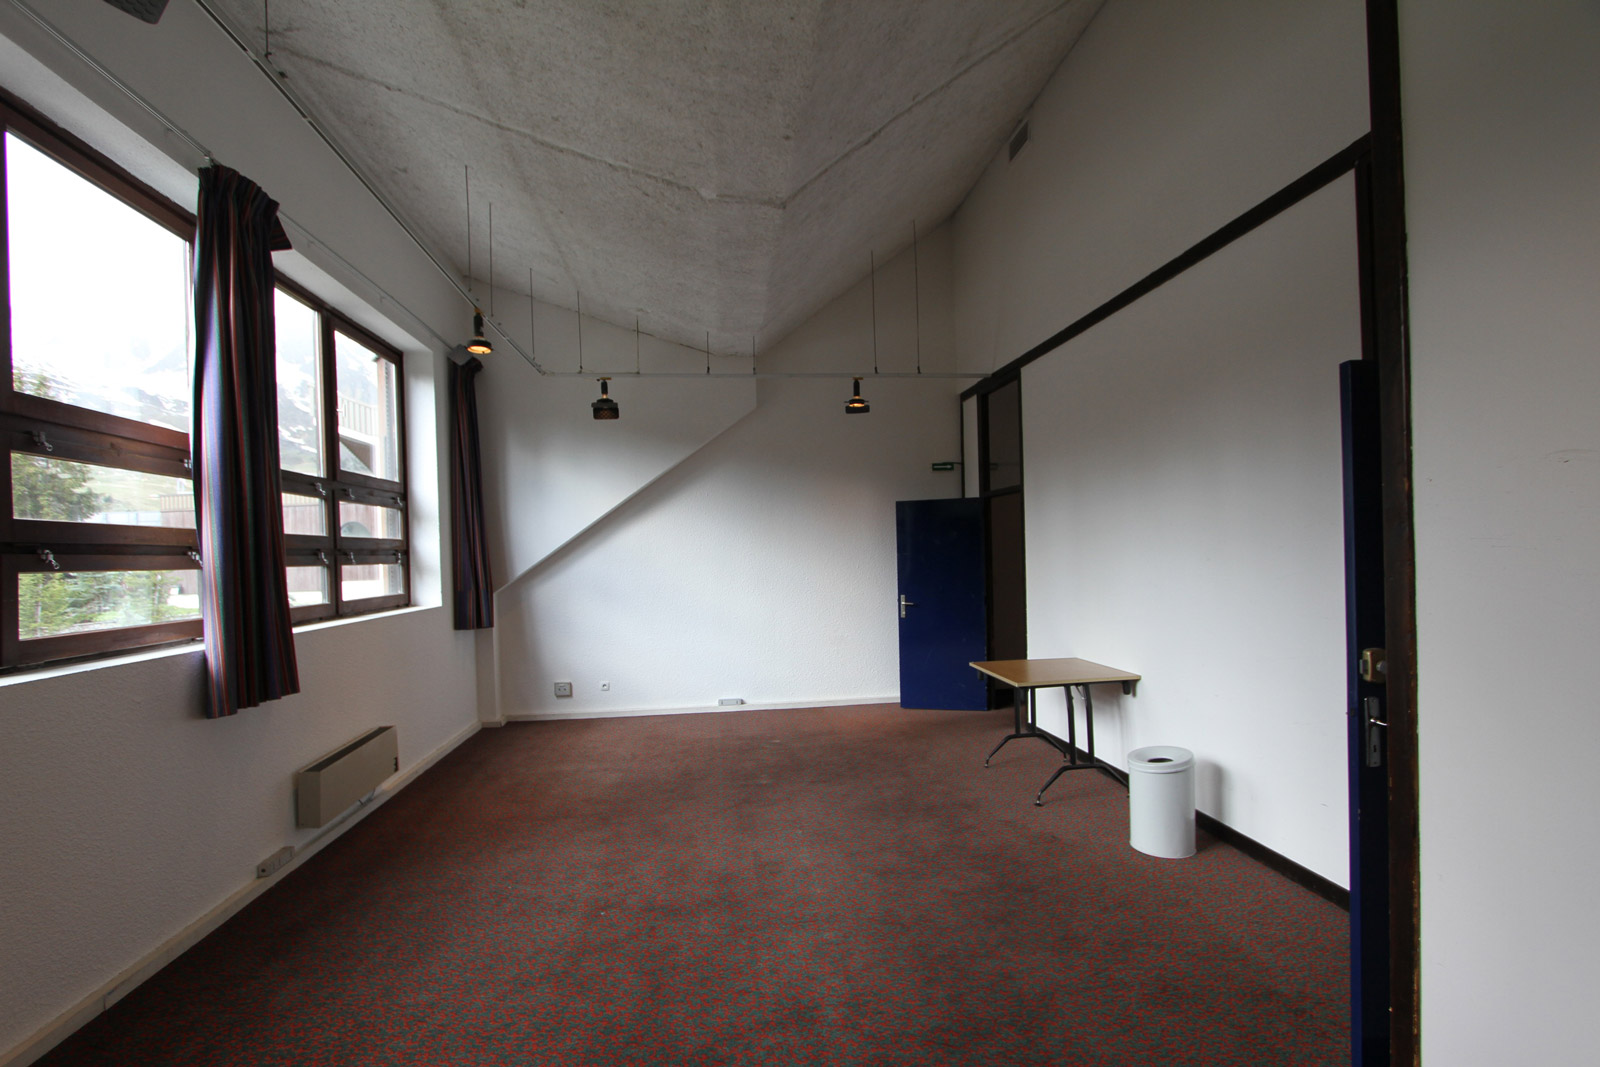 Salon 3 - AVANT